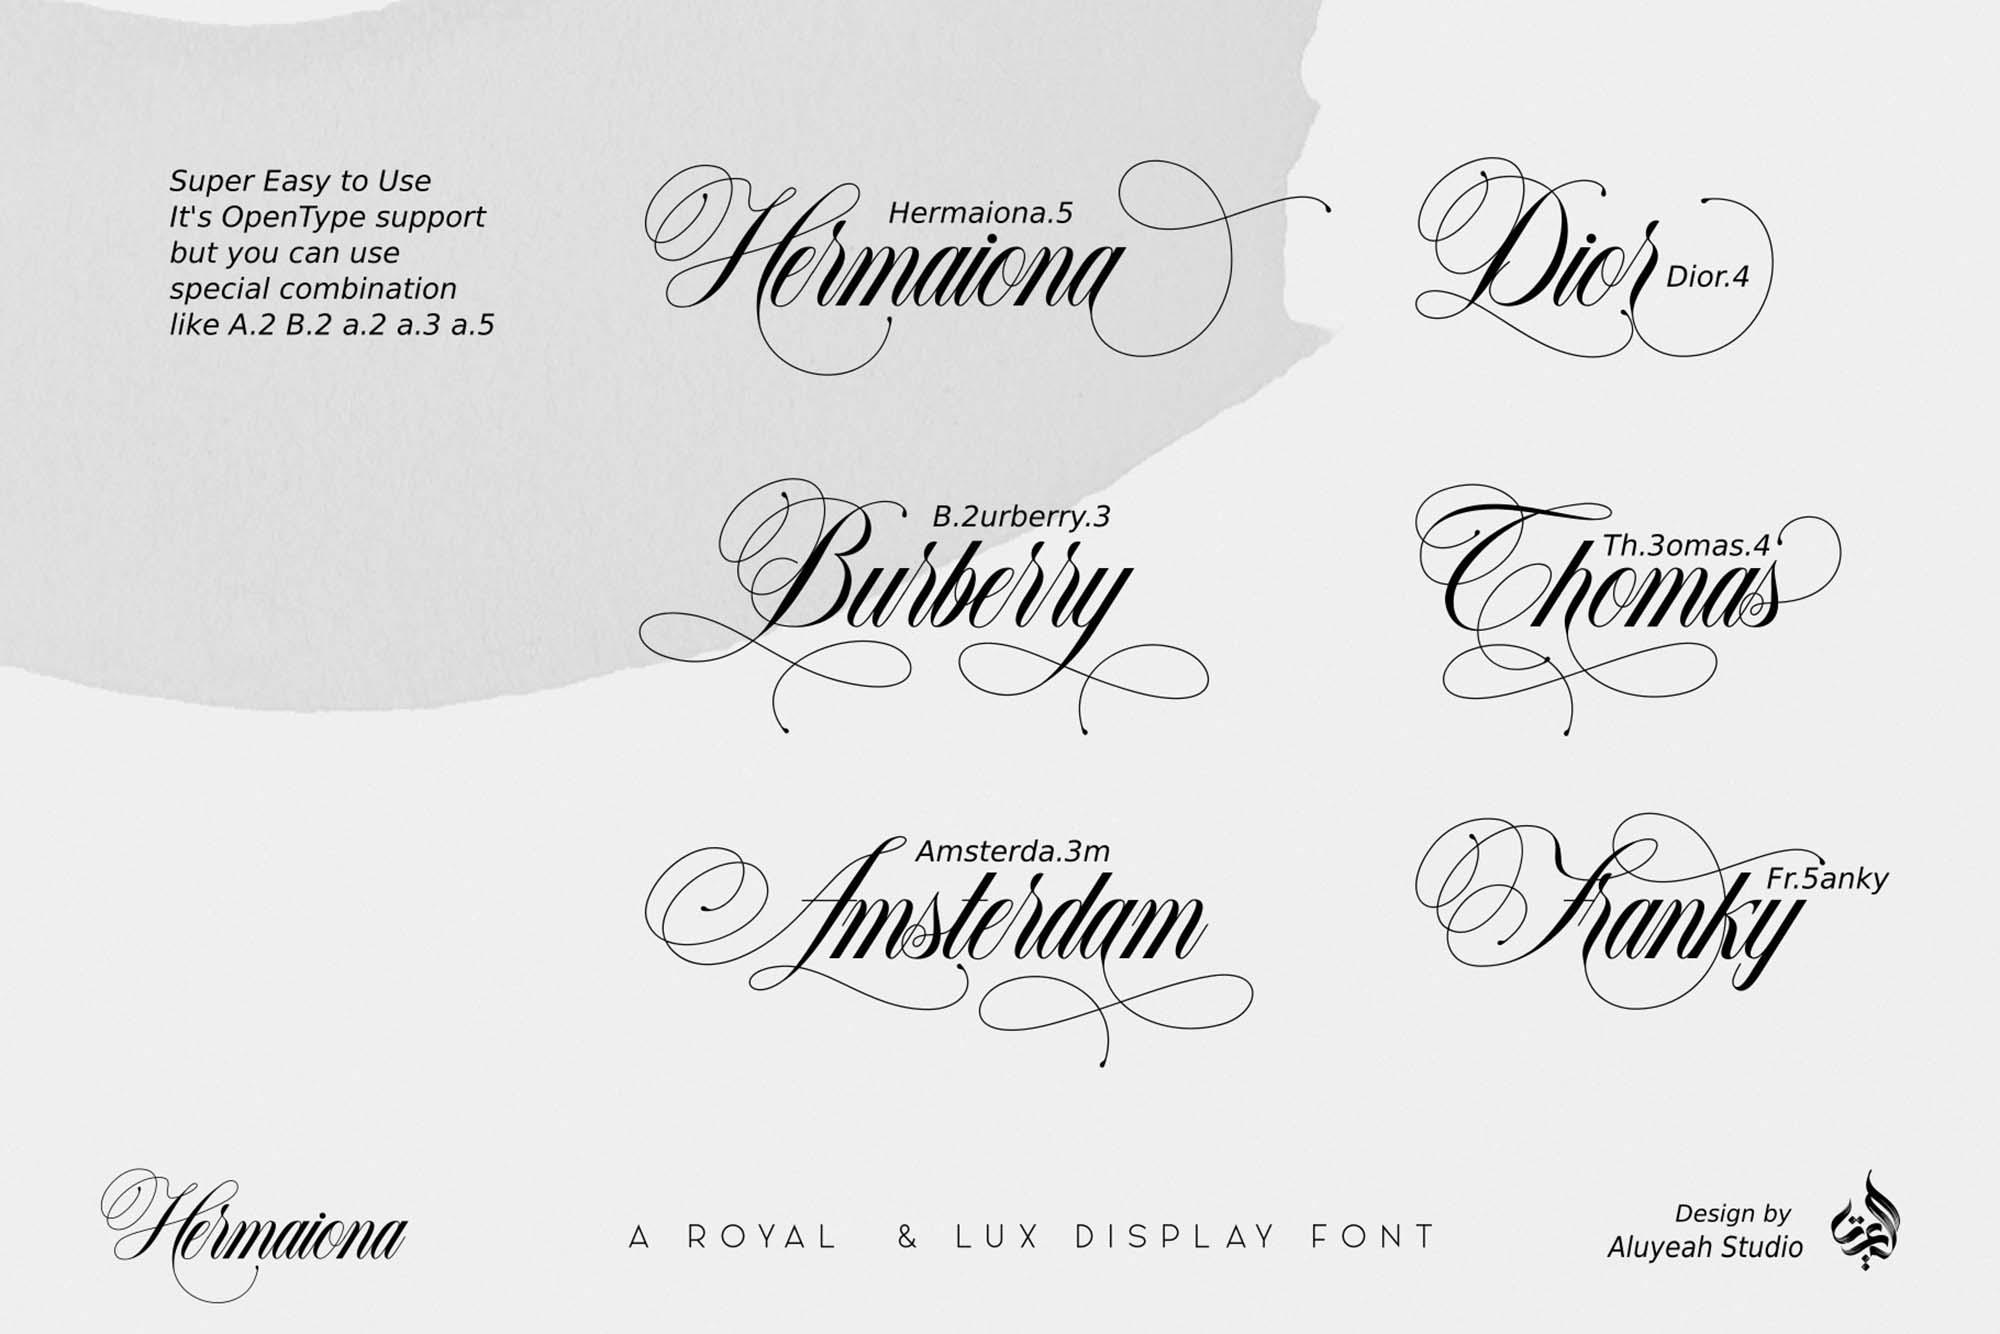 Hermaiona Royal Font 7